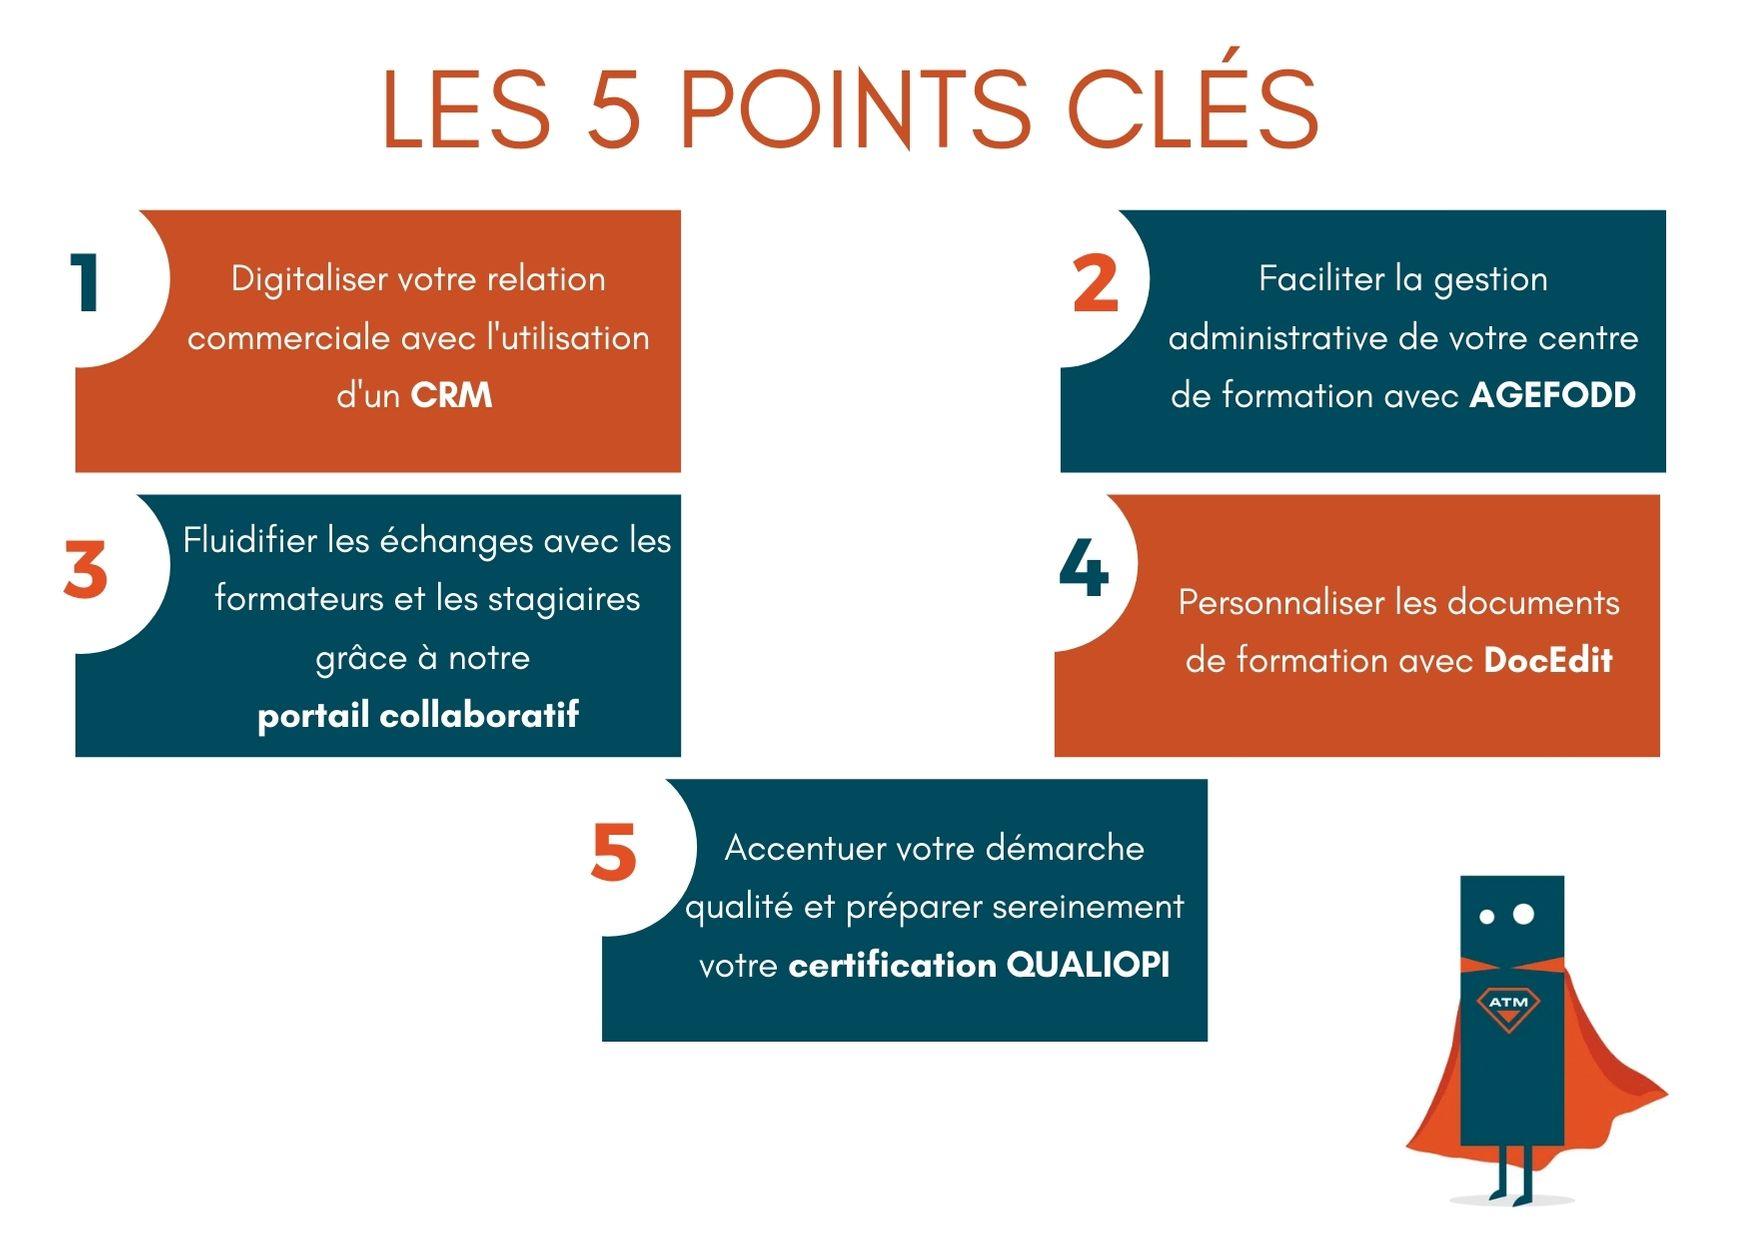 Les 5 points clés